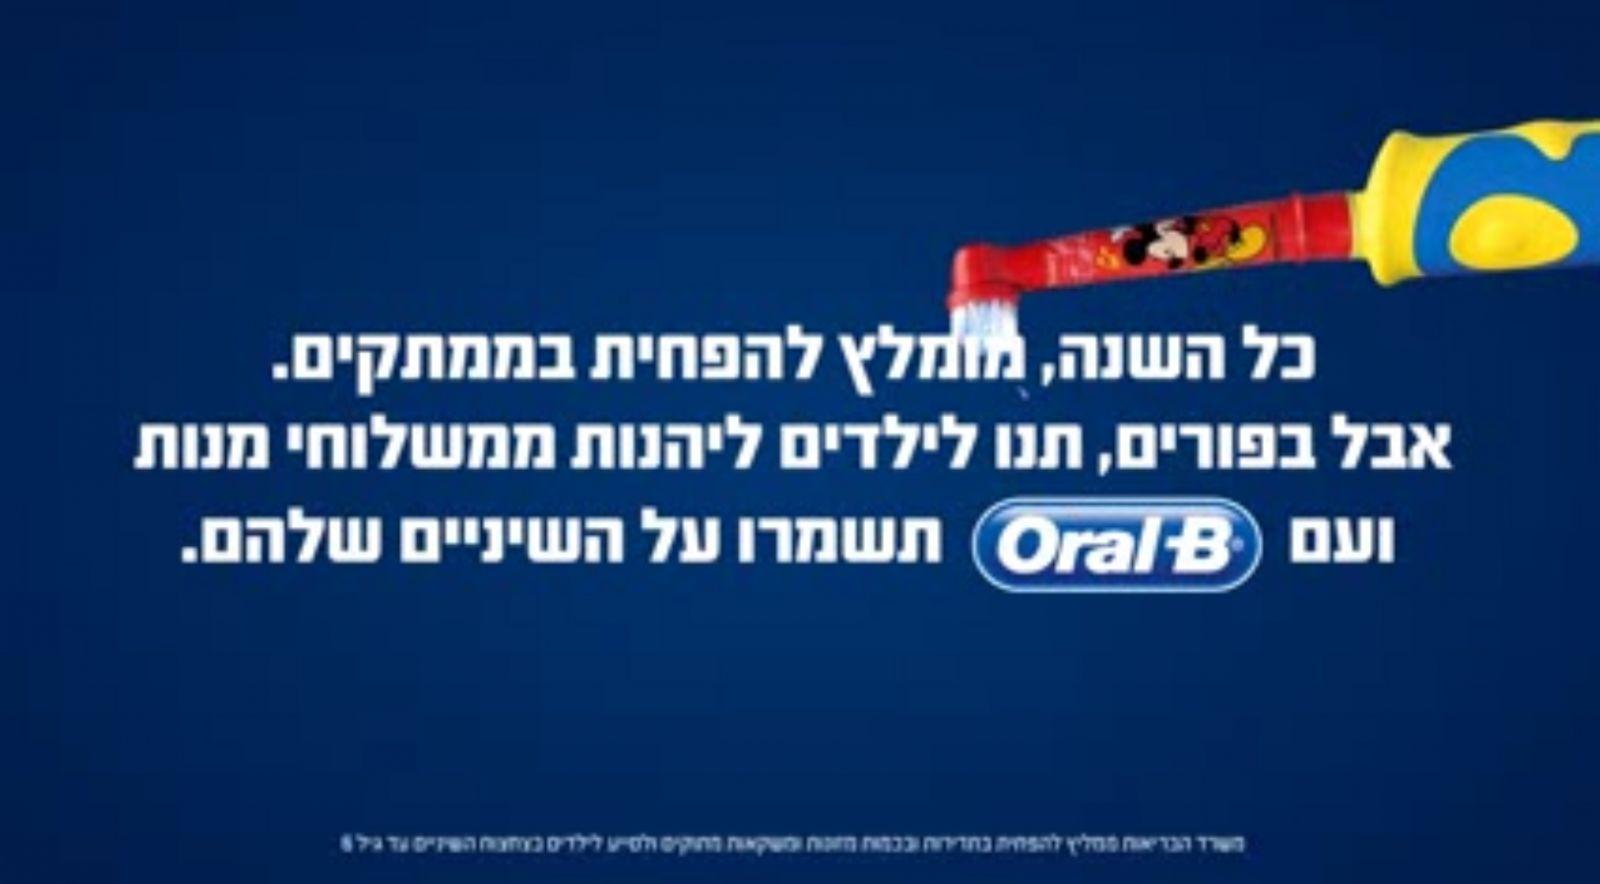 מתוך סרטון פרסומת של מותג היגיינת השיניים Oral B, ששולב בידיעה שפורסמה ב-ynet (צילום מסך)